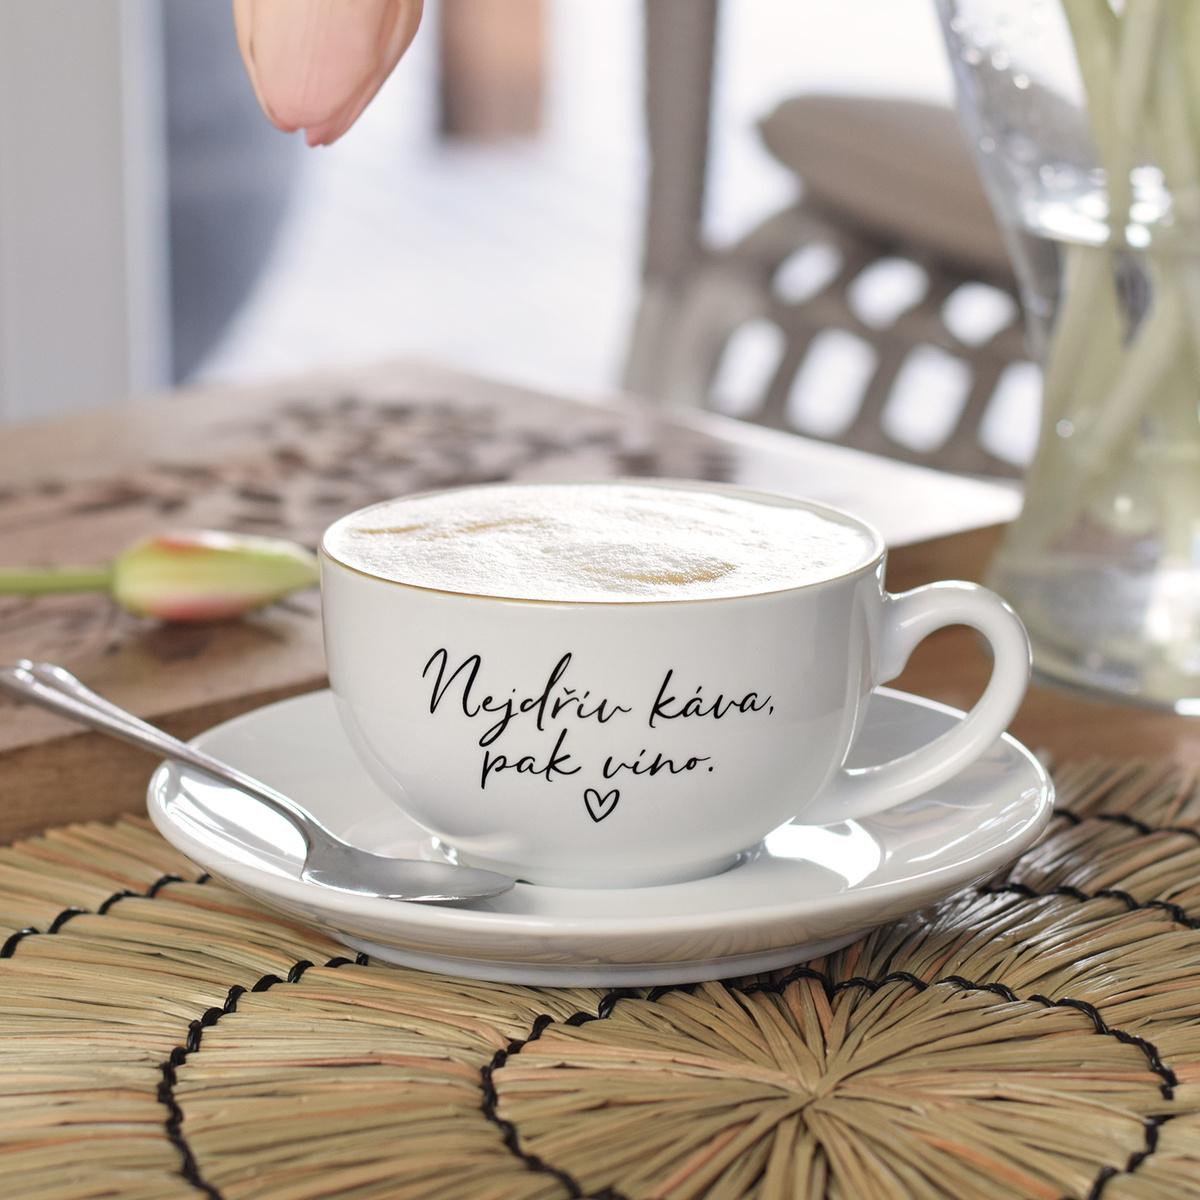 HOUSEDECOR Šálek s podšálkem - Nejdřív káva, pak víno.